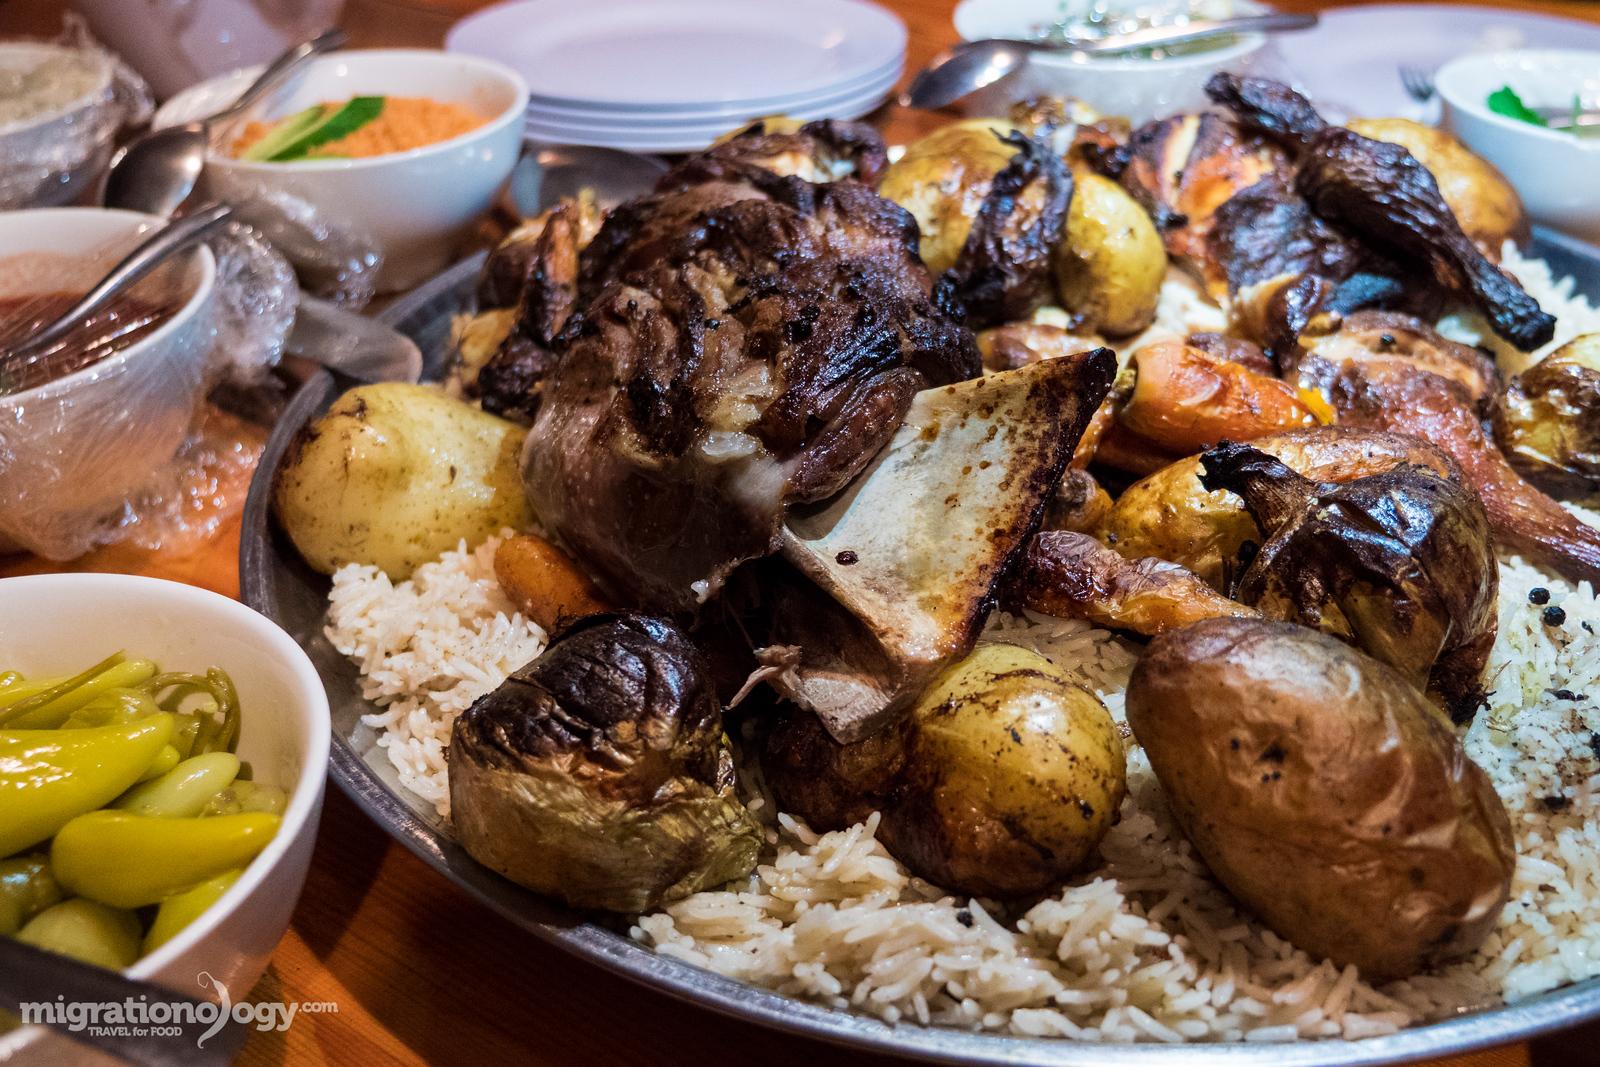 Bedouin food